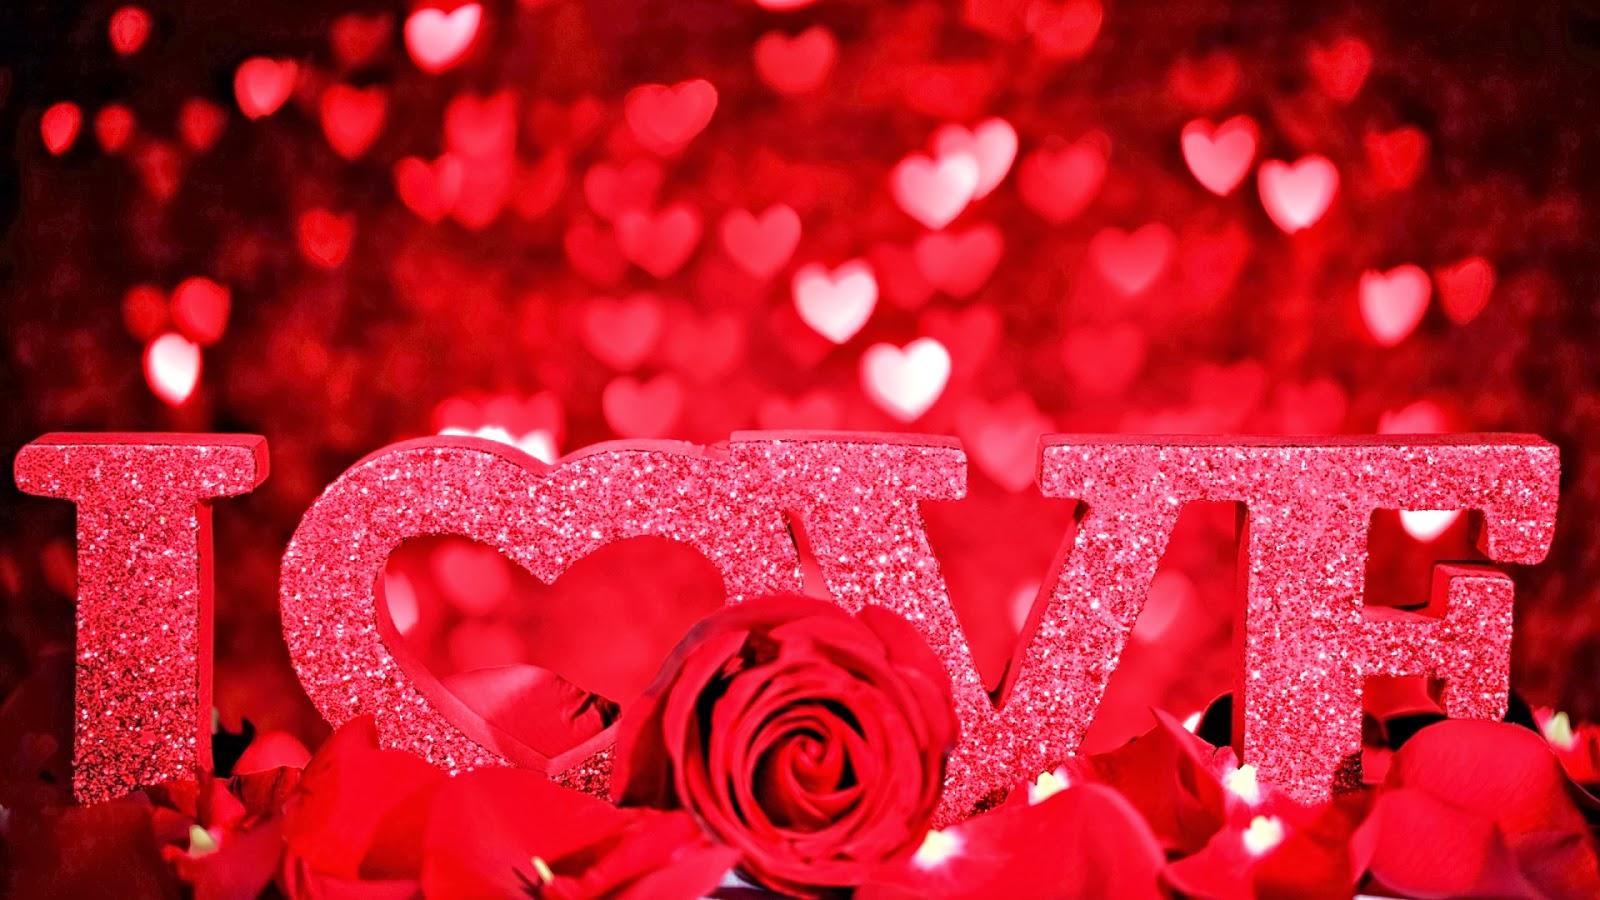 بالصور اجمل عبارات الحب والرومانسية , حب وغزل واشتياق للعاشقين 5794 3